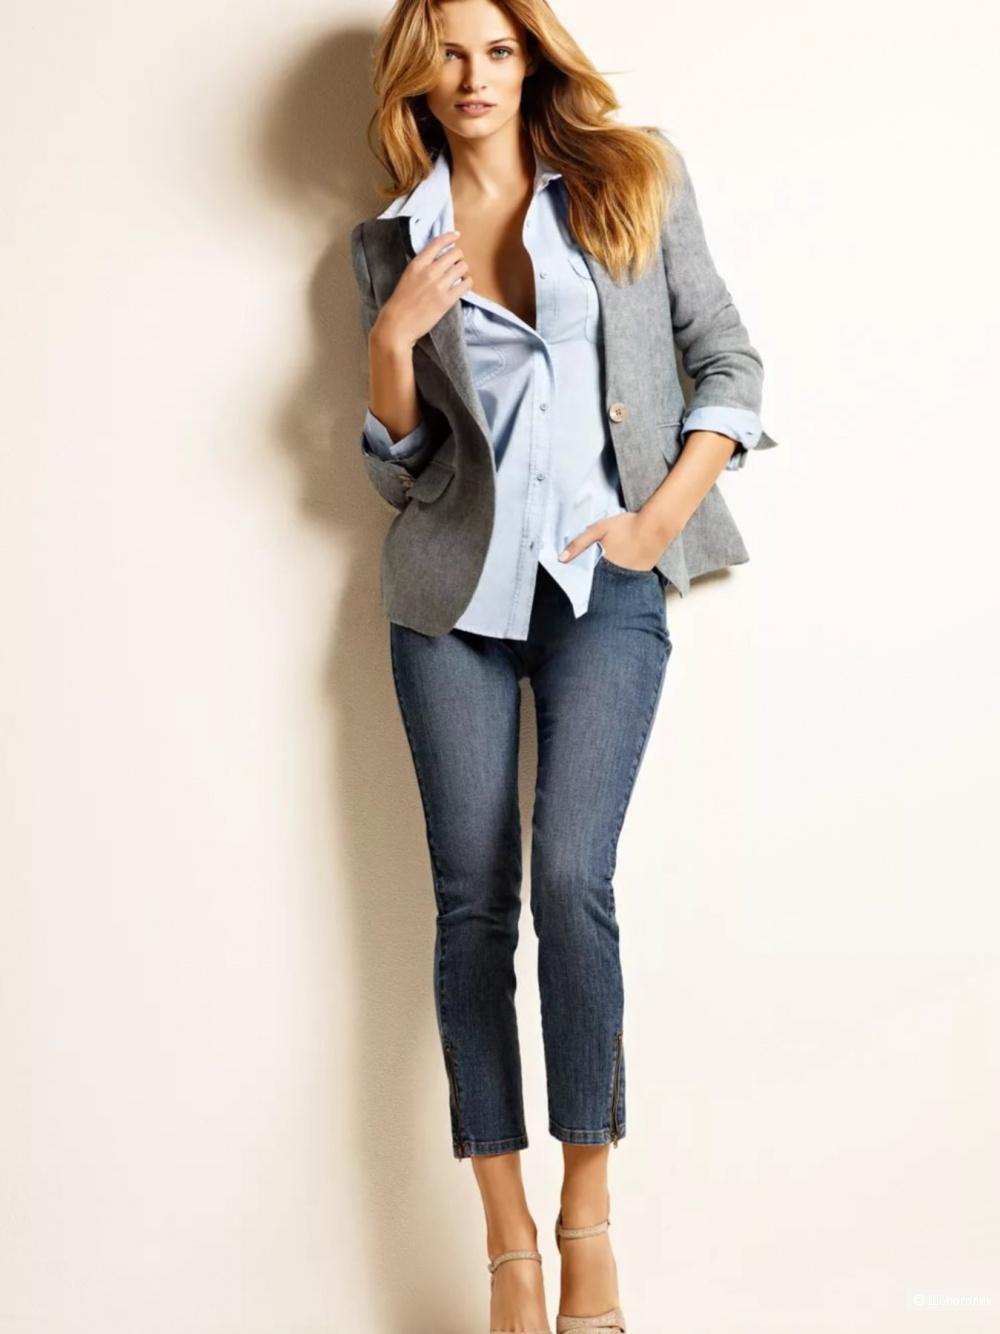 с чем носить серый пиджак женский фото сова